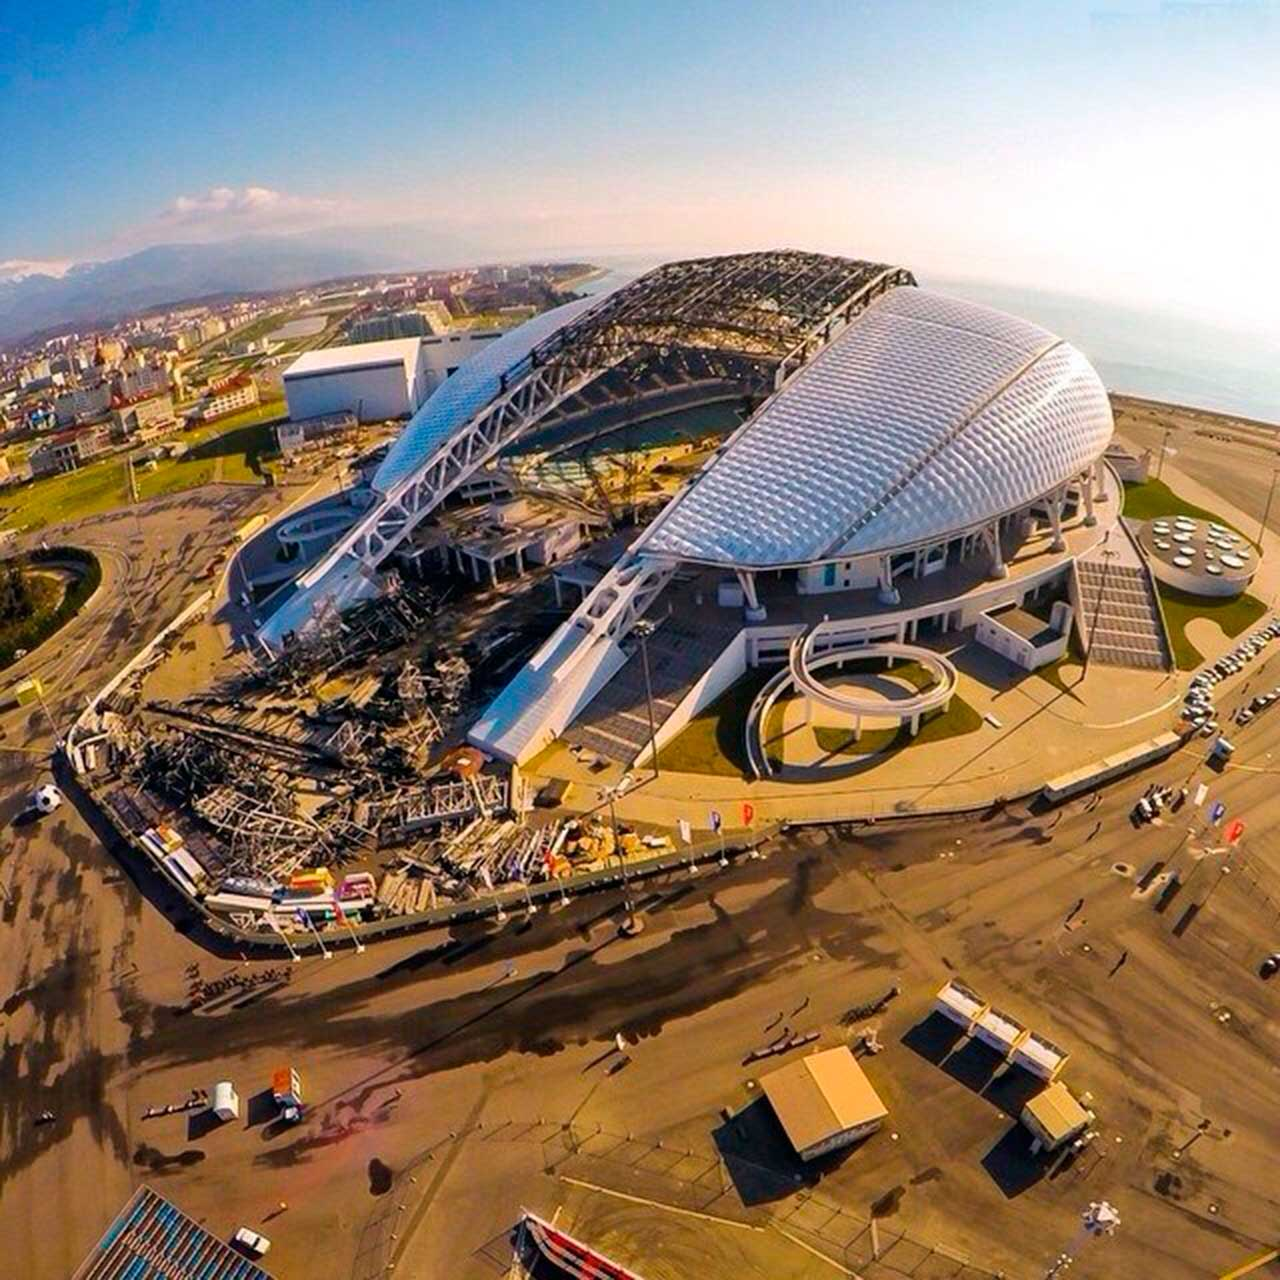 Construcción de Estadio Fisht